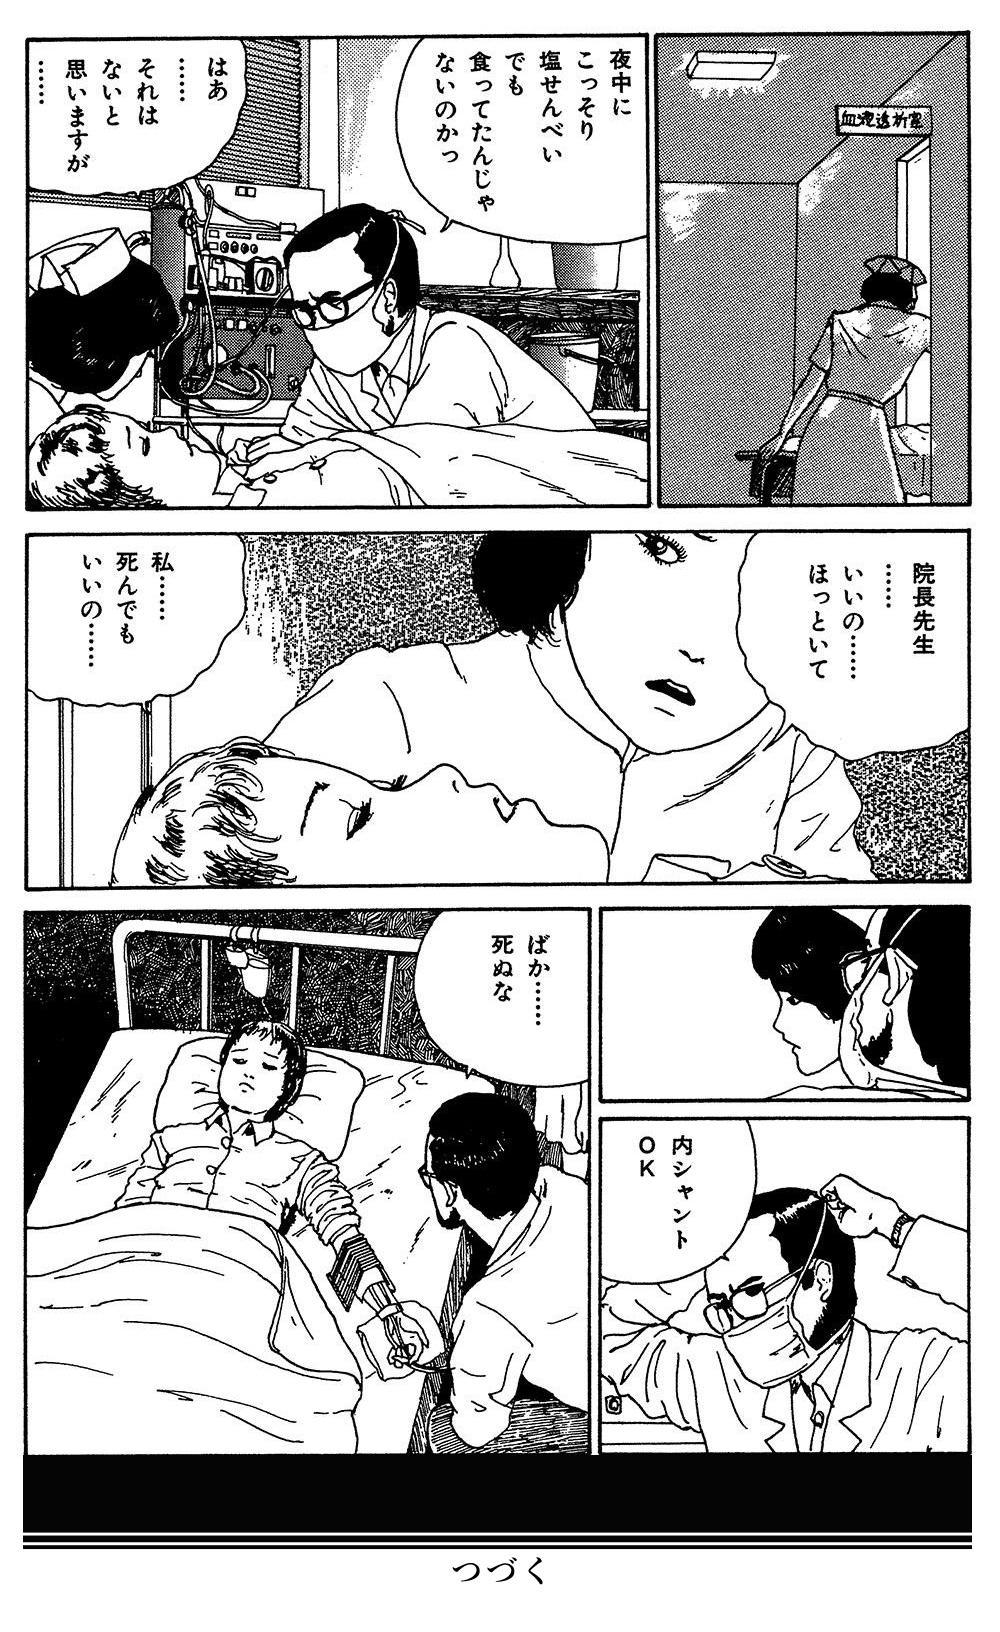 伊藤潤二傑作集 第2話「富江 森田病院編」①junji-more.jpg